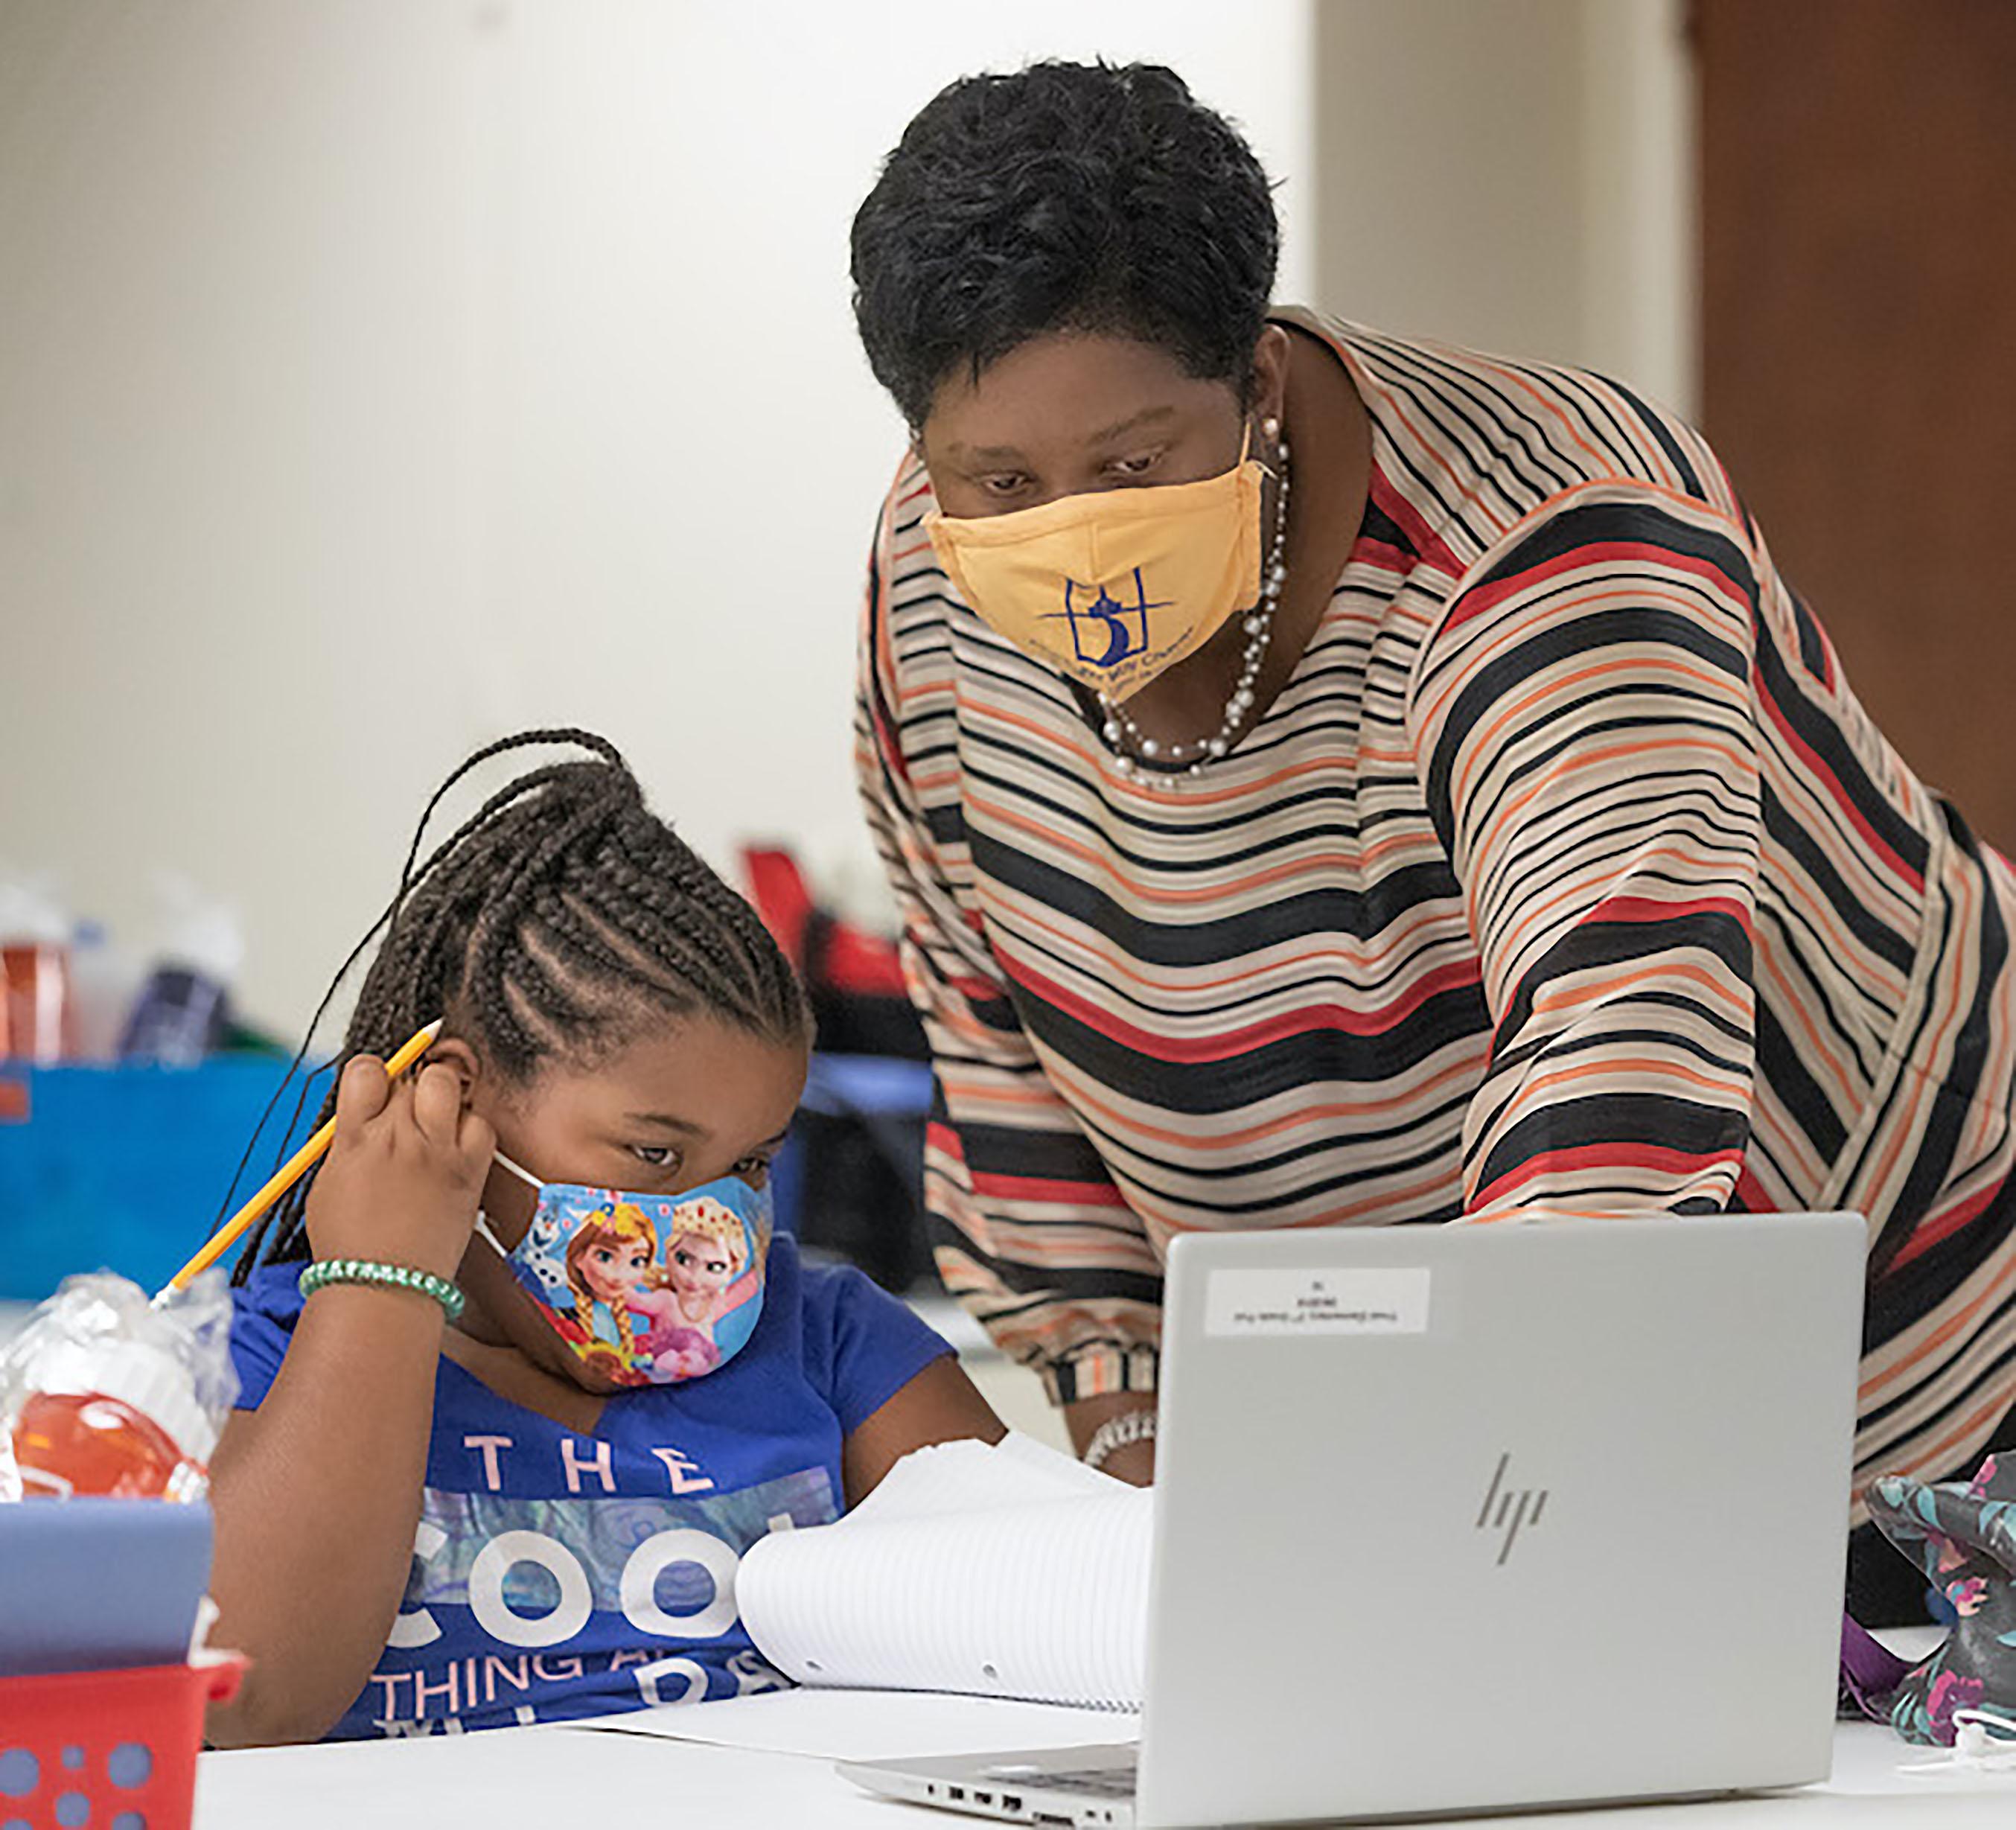 La Revda. Enid Henderson ayuda a una estudiante de primer grado con sus lecciones durante el primer día del programa Santuarios de Aprendizaje en la IMU Jones Memorial en Crestmont Park, Houston. Foto de Mike DuBose, Noticias MU.